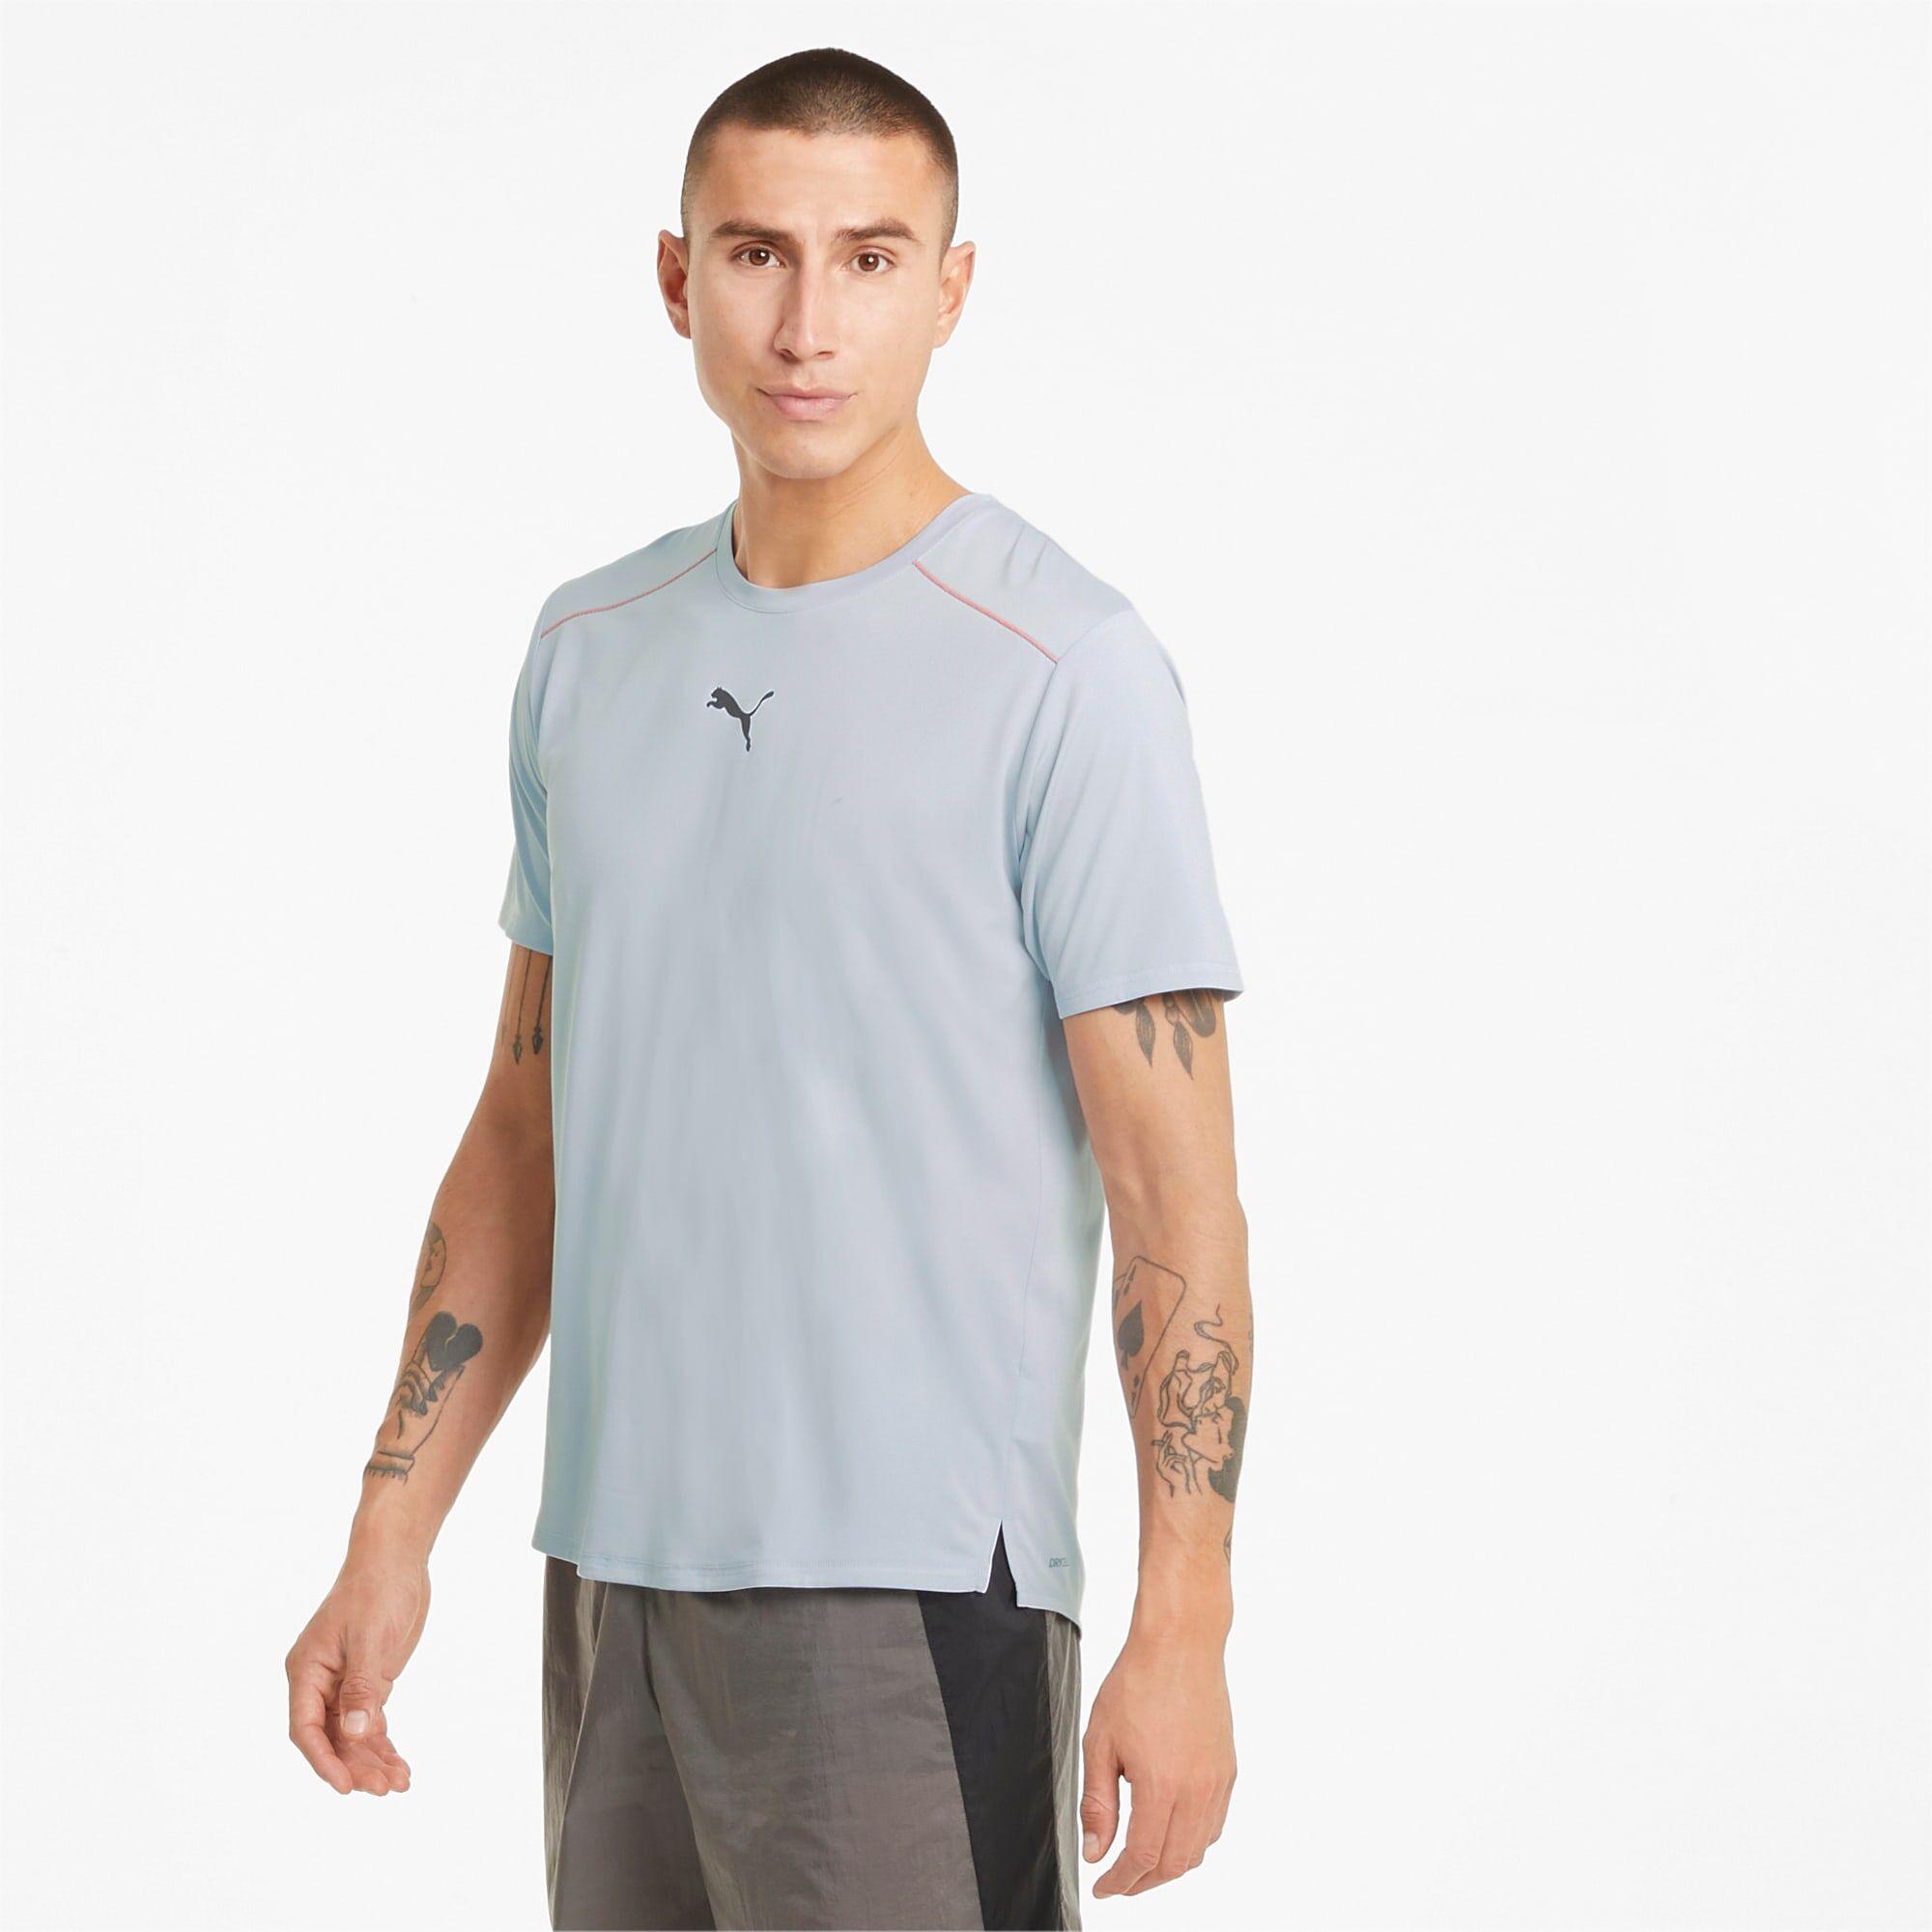 PUMA T-Shirt de course COOLadapt homme, Gris, Taille M, Vêtements